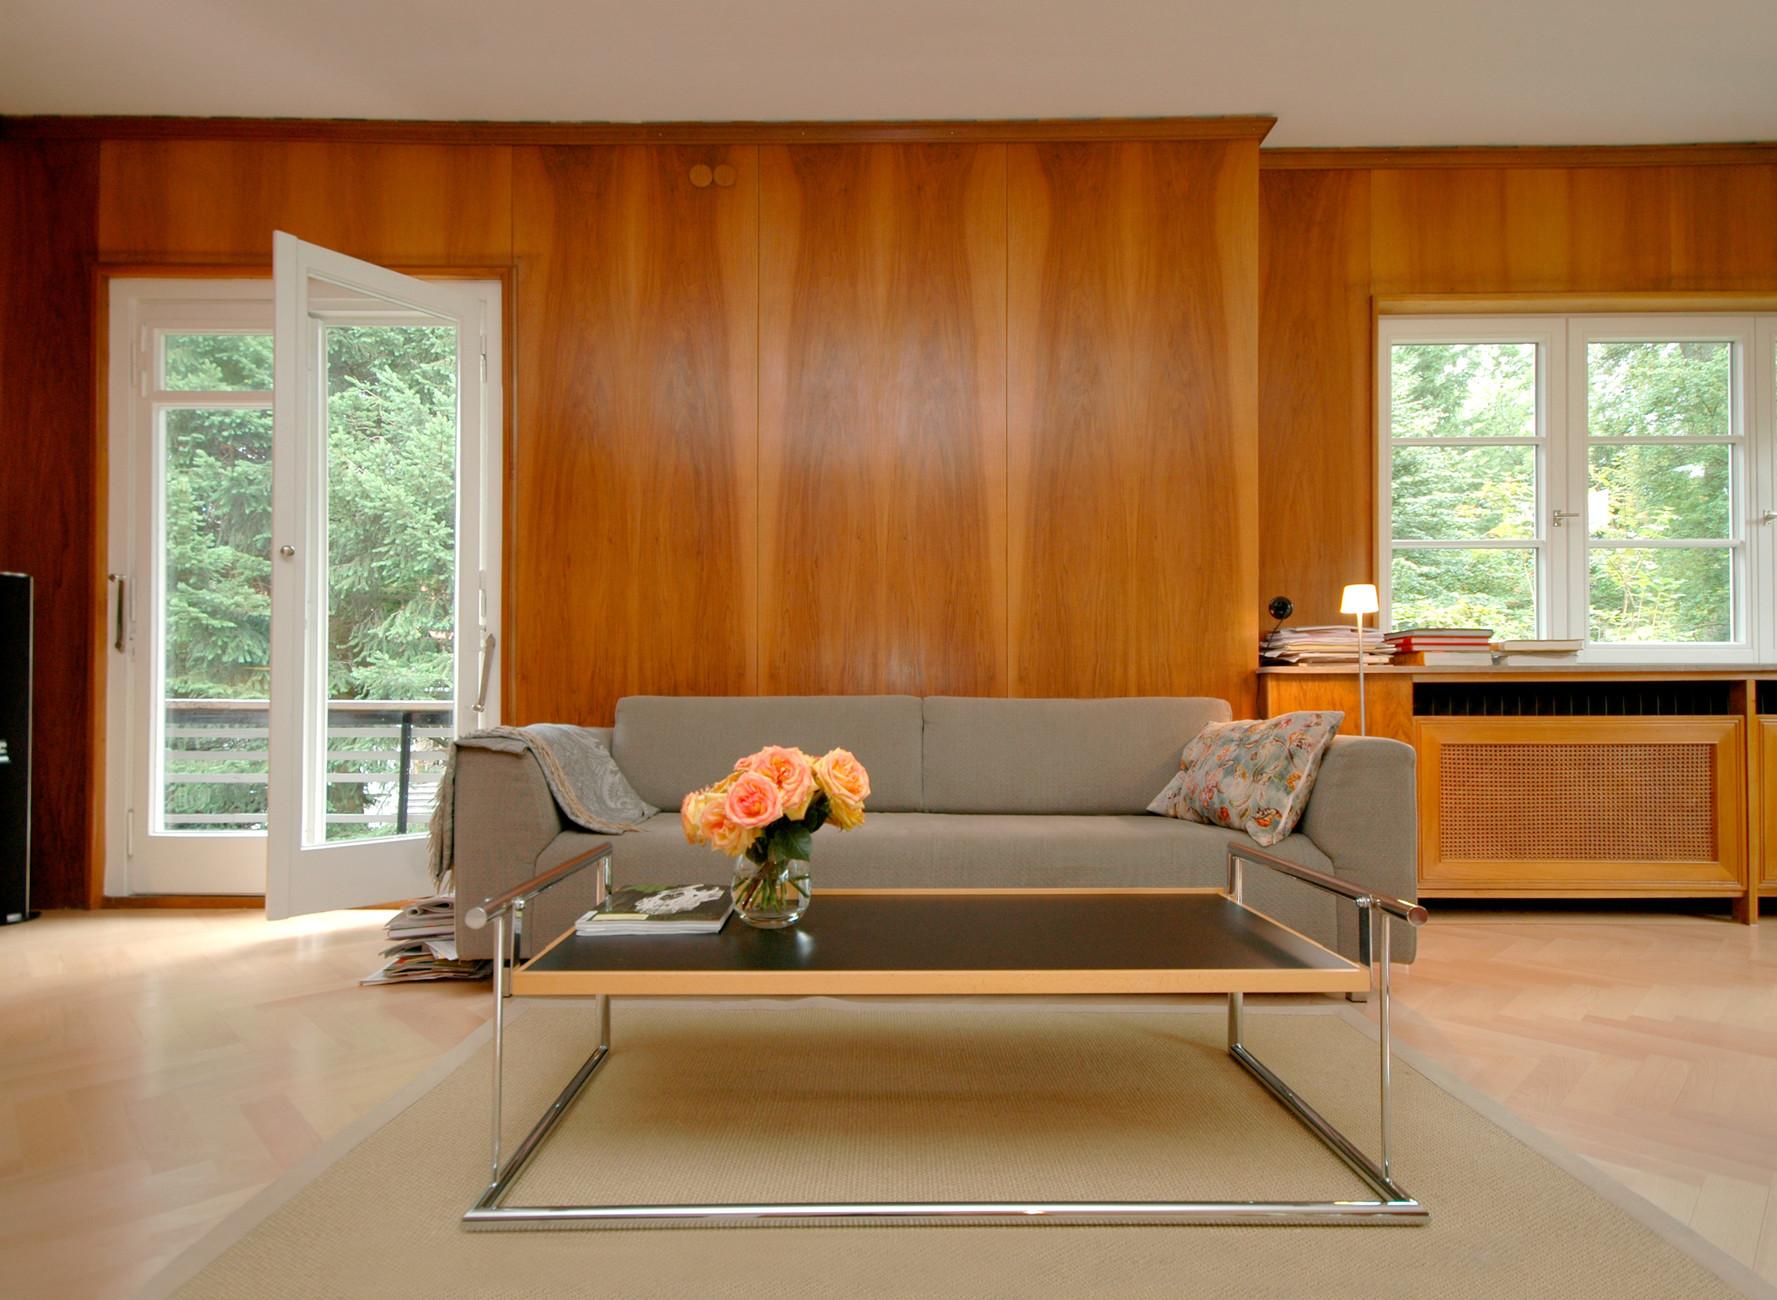 Stiletto Innenarchitektur: Wohnhaus 30iger Jahre im Schwarzwald